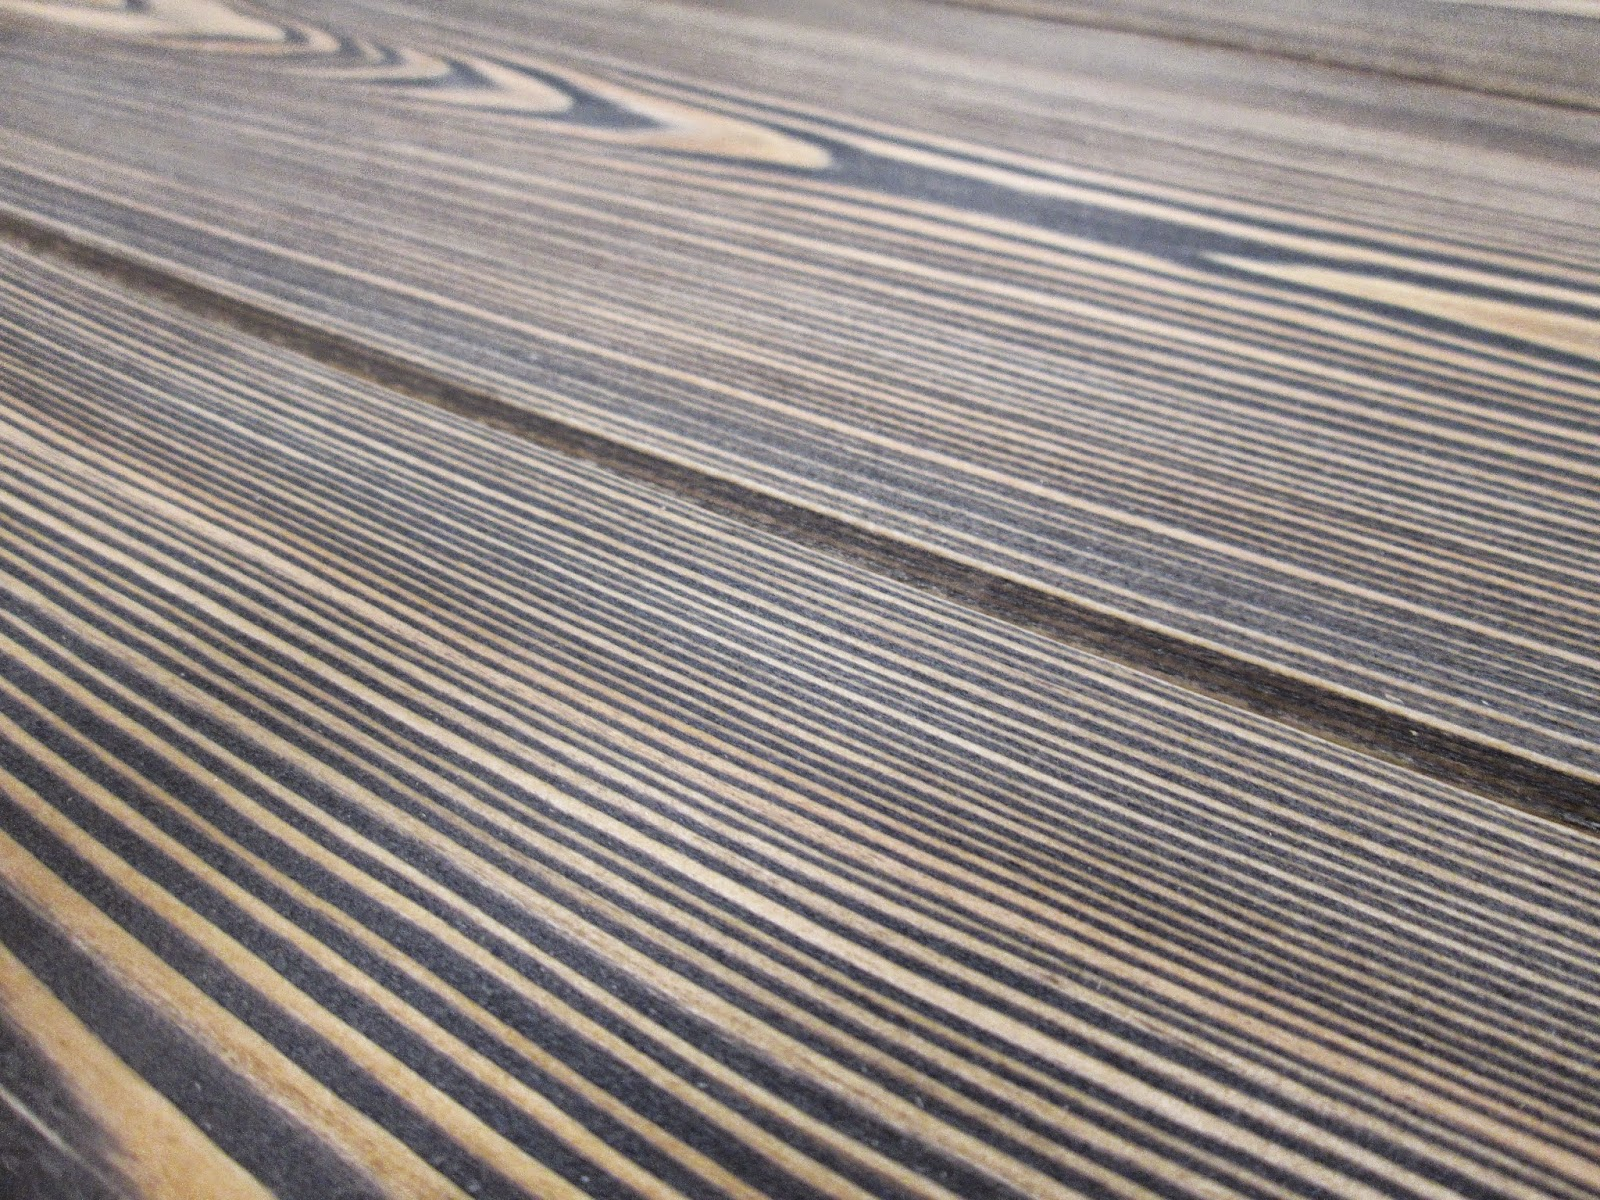 Parlando di legno sdm s a s di mozzato legno per - Tavole di larice piallate ...